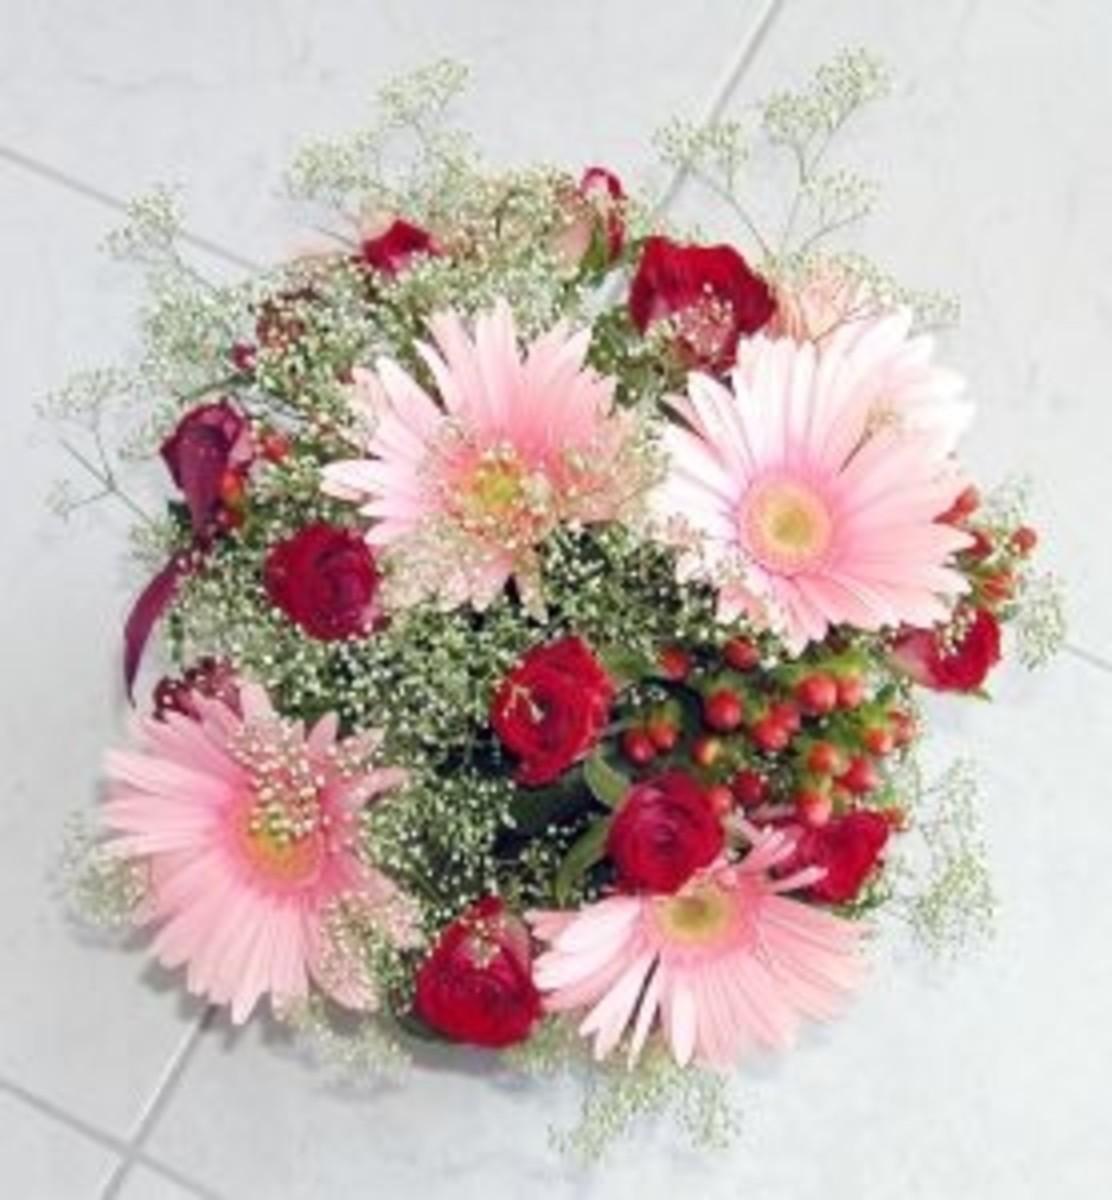 An example of a well balanced flower arrangement